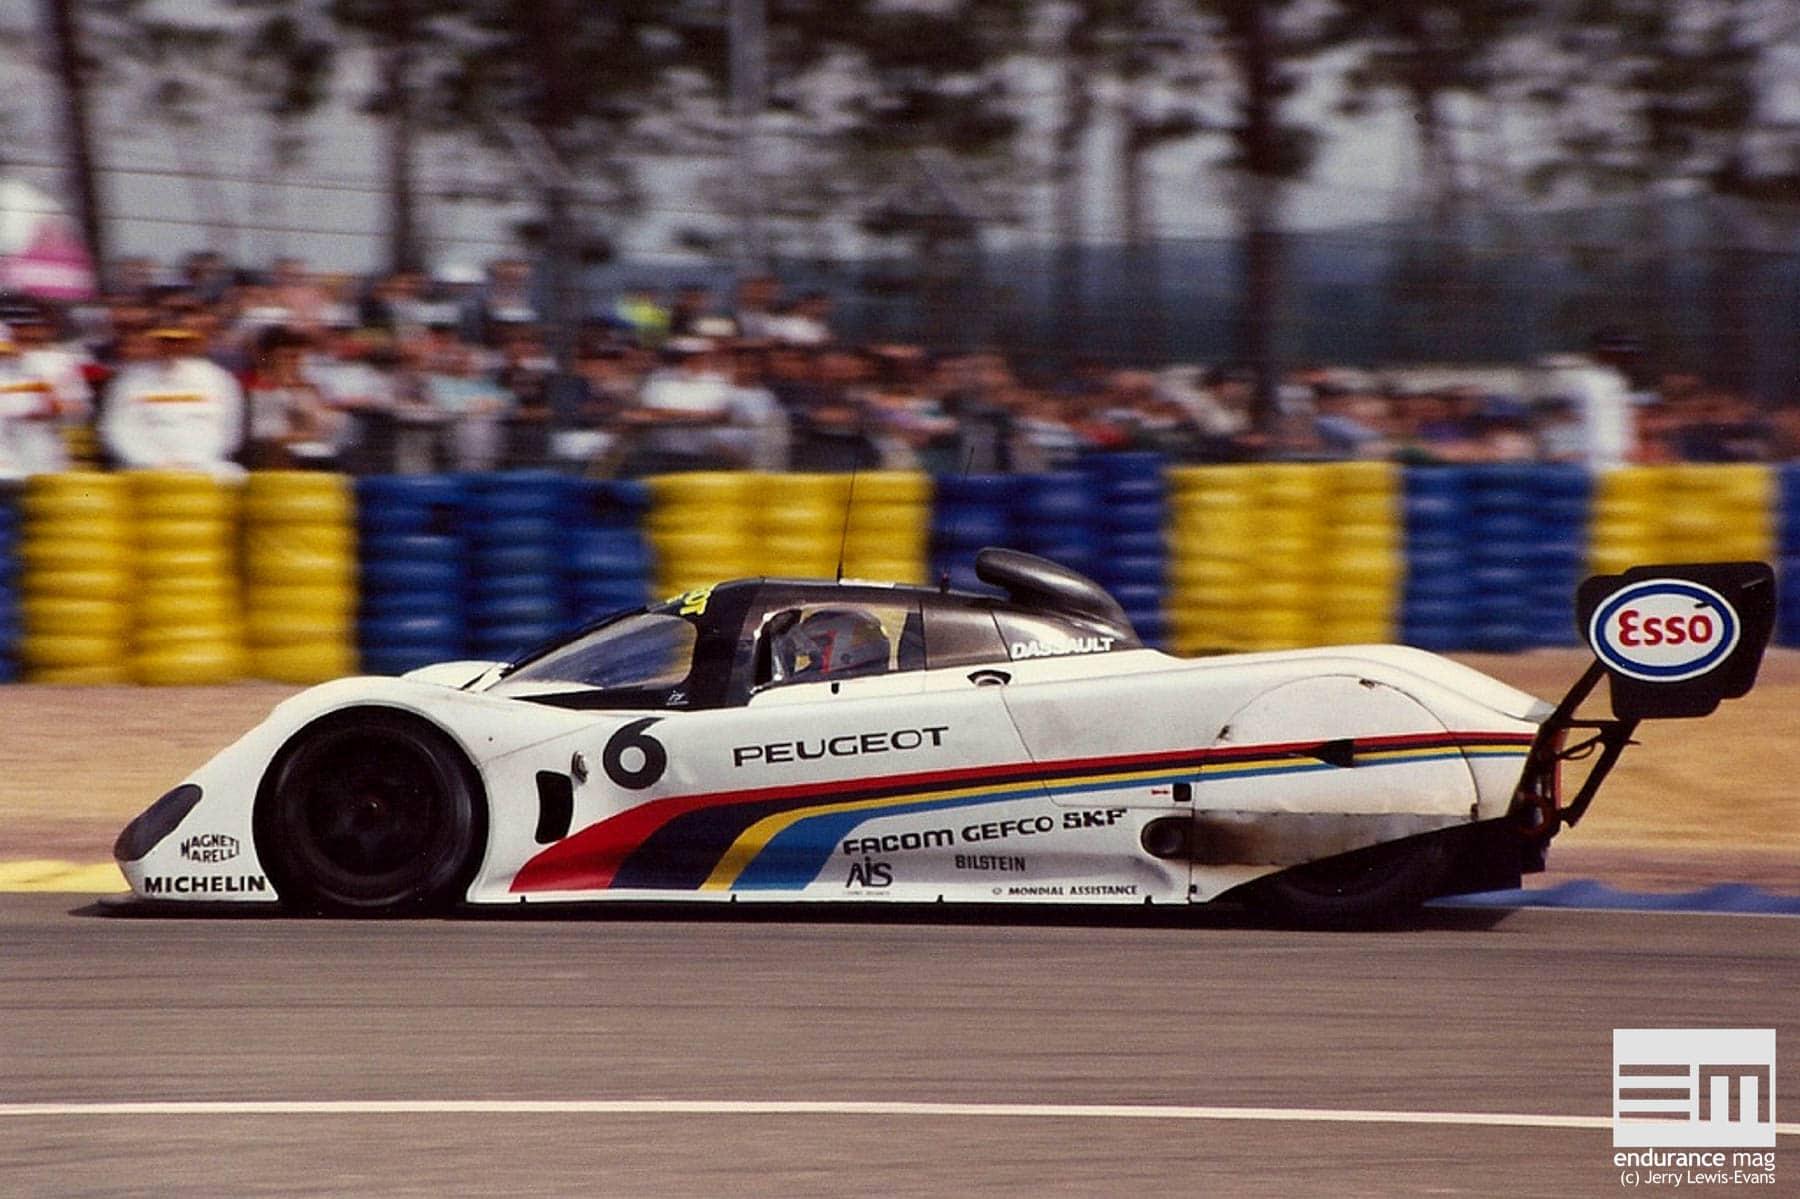 Peugeot-905-Le-Mans-1991-1